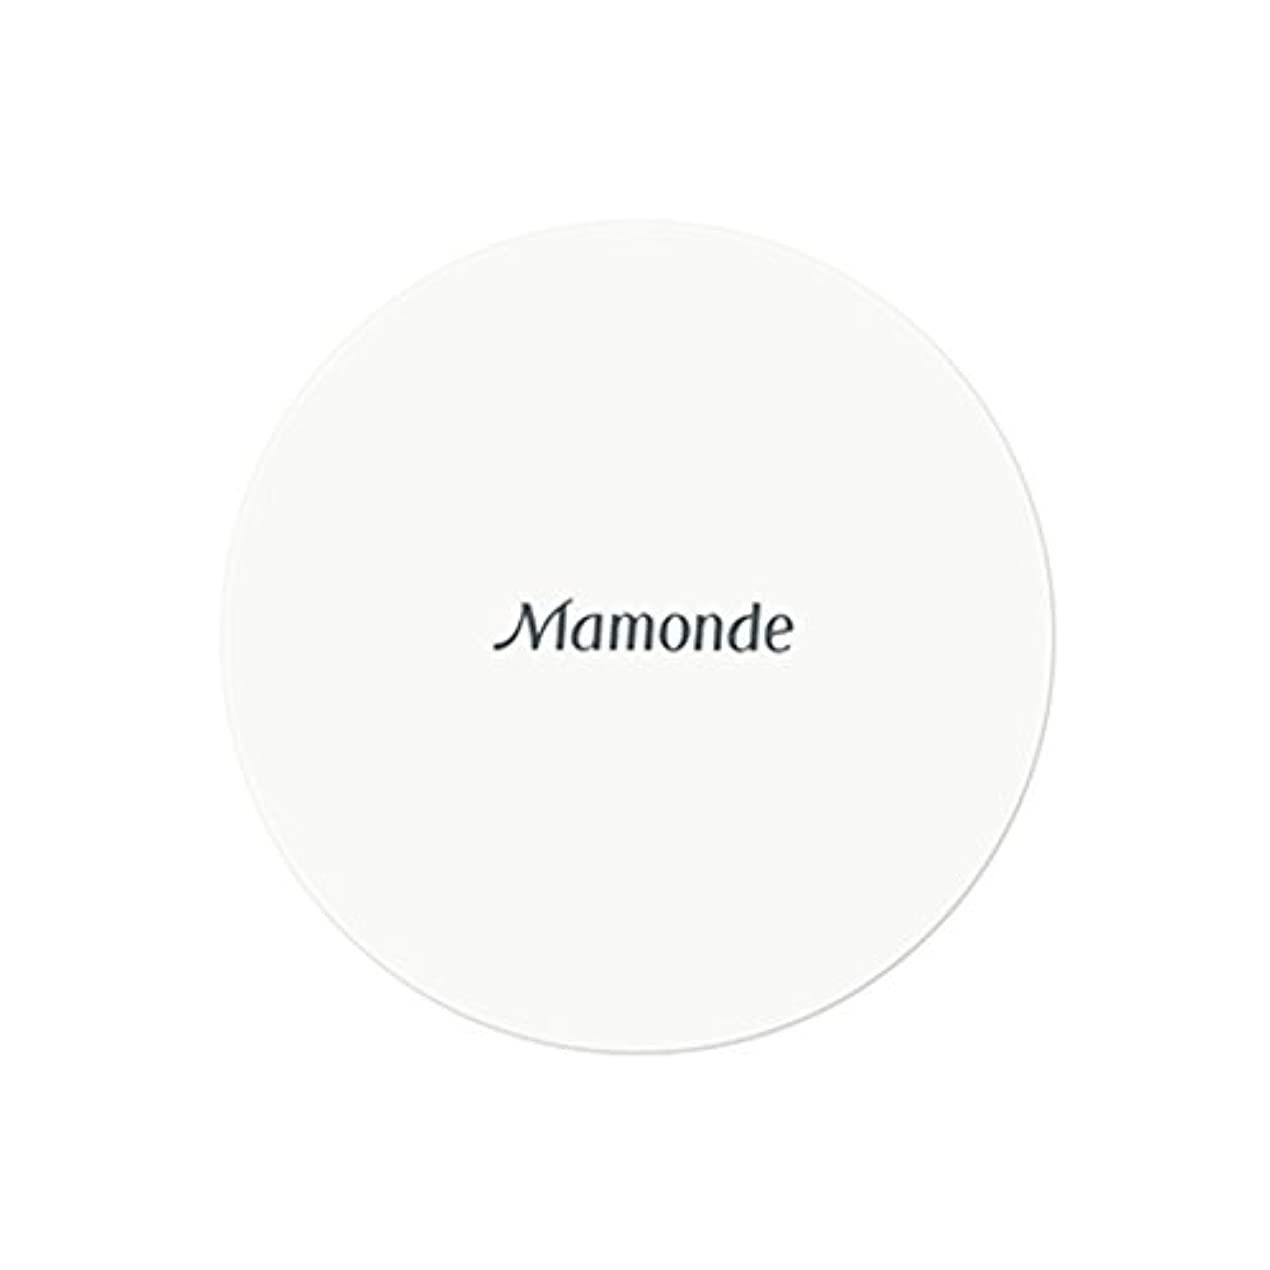 阻害する口述する作り上げる[New] Mamonde Cotton Veil Powder 15g/マモンド コットン ベール パウダー 15g [並行輸入品]